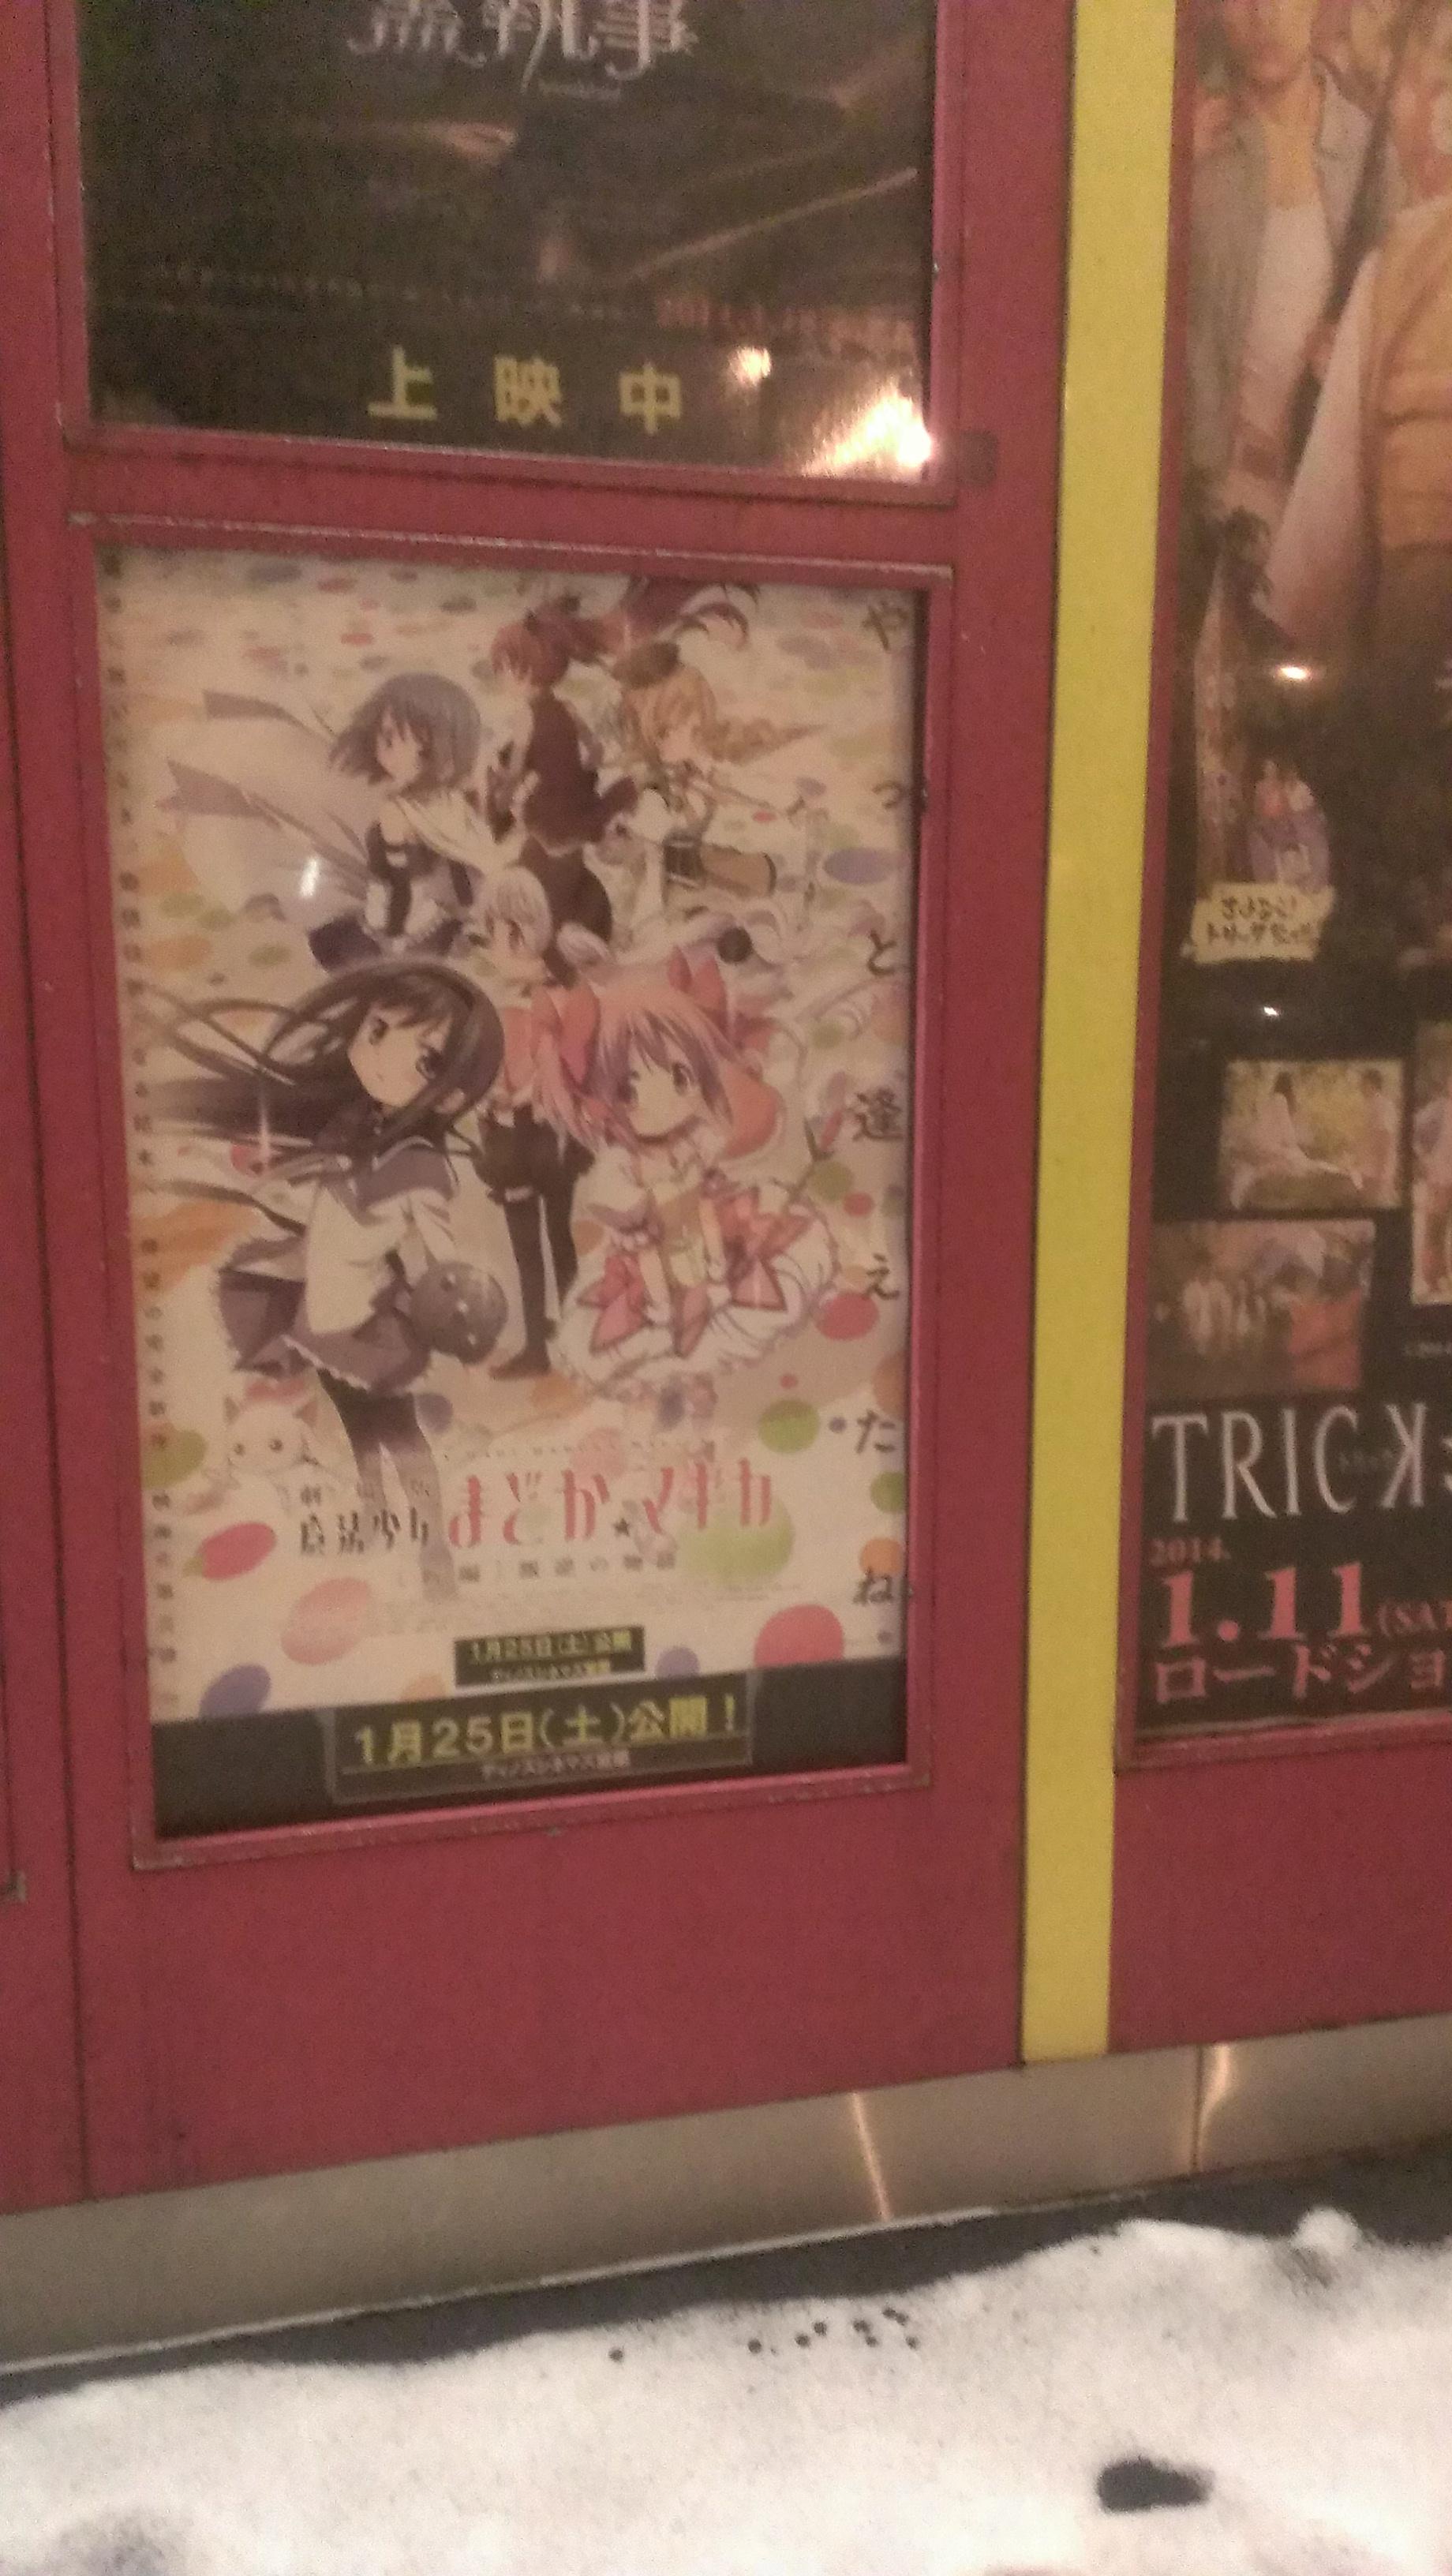 まどかマギカの劇場版が来てました